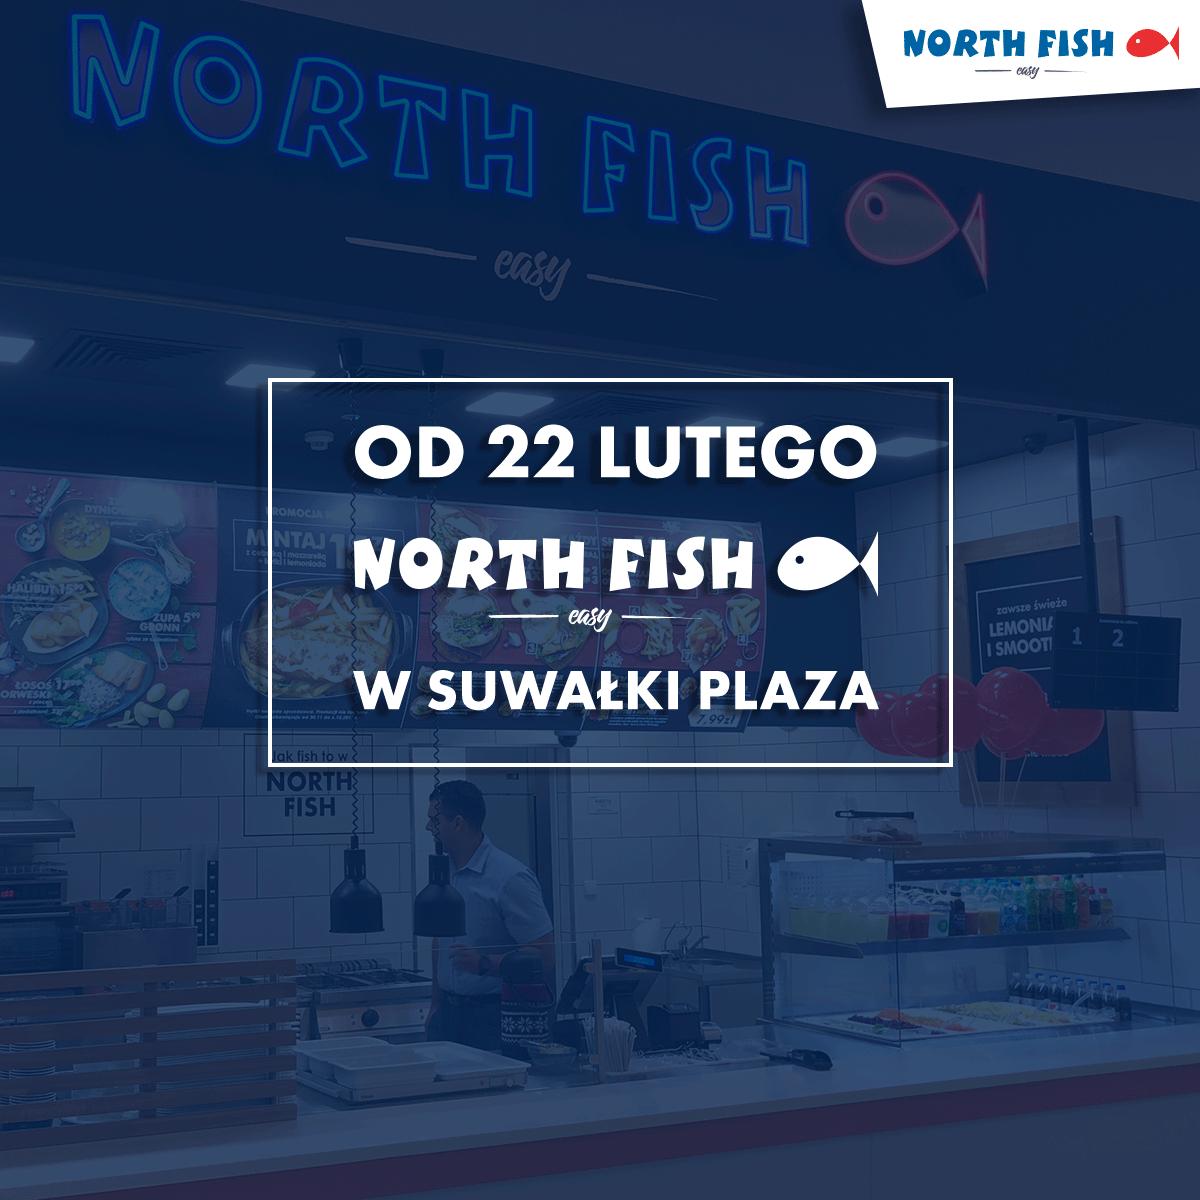 Otwarcie North Fish w Suwałki Plaza!